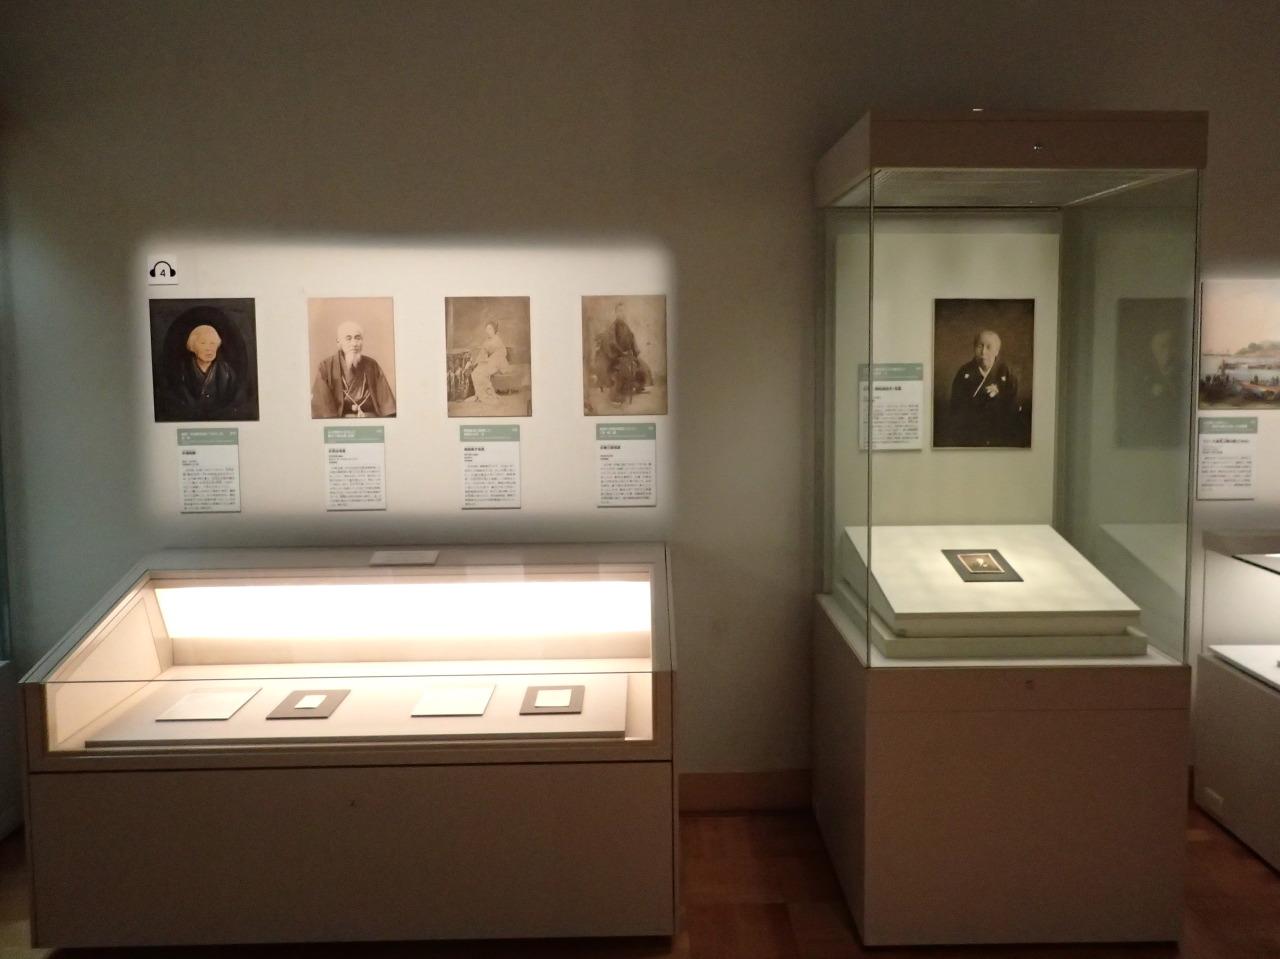 杉文とその兄弟の写真。写真はいずれも明治〜大正時代に撮影された